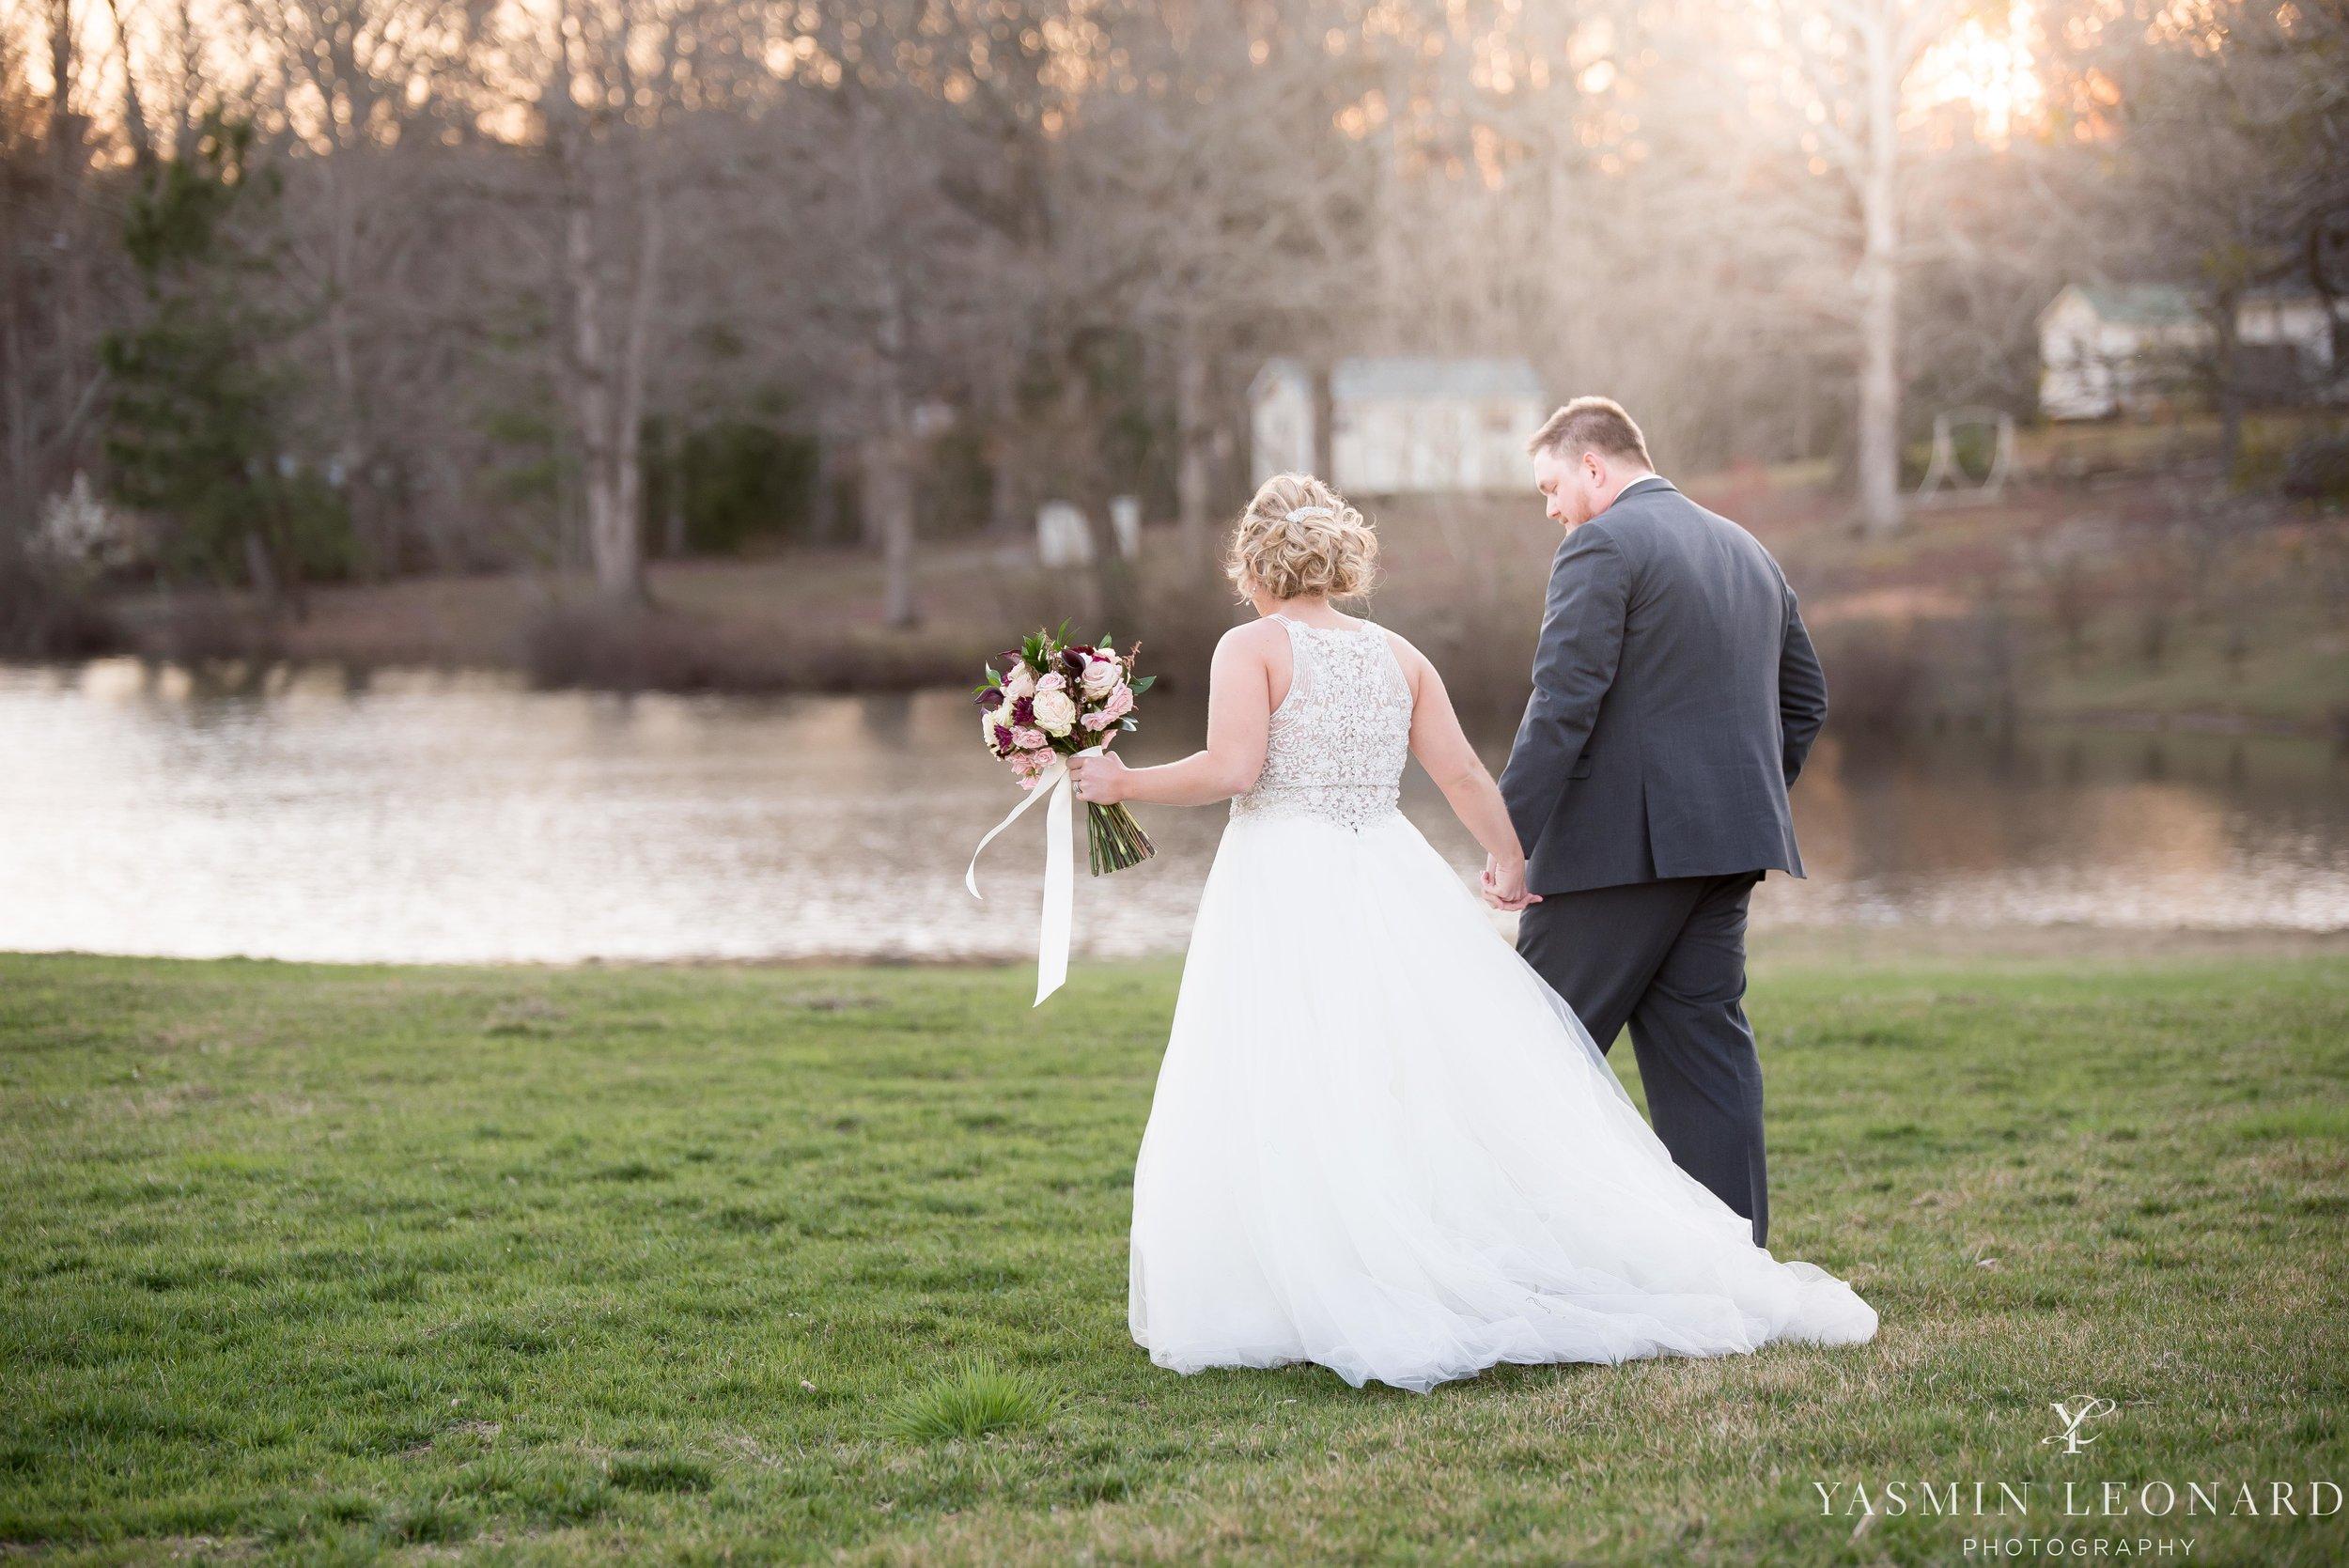 Millikan Farms - Millikan Farms Wedding - Sophia NC Wedding - NC Wedding - NC Wedding Photographer - Yasmin Leonard Photography - High Point Photographer - Barn Wedding - Wedding Venues in NC - Triad Wedding Photographer-63.jpg